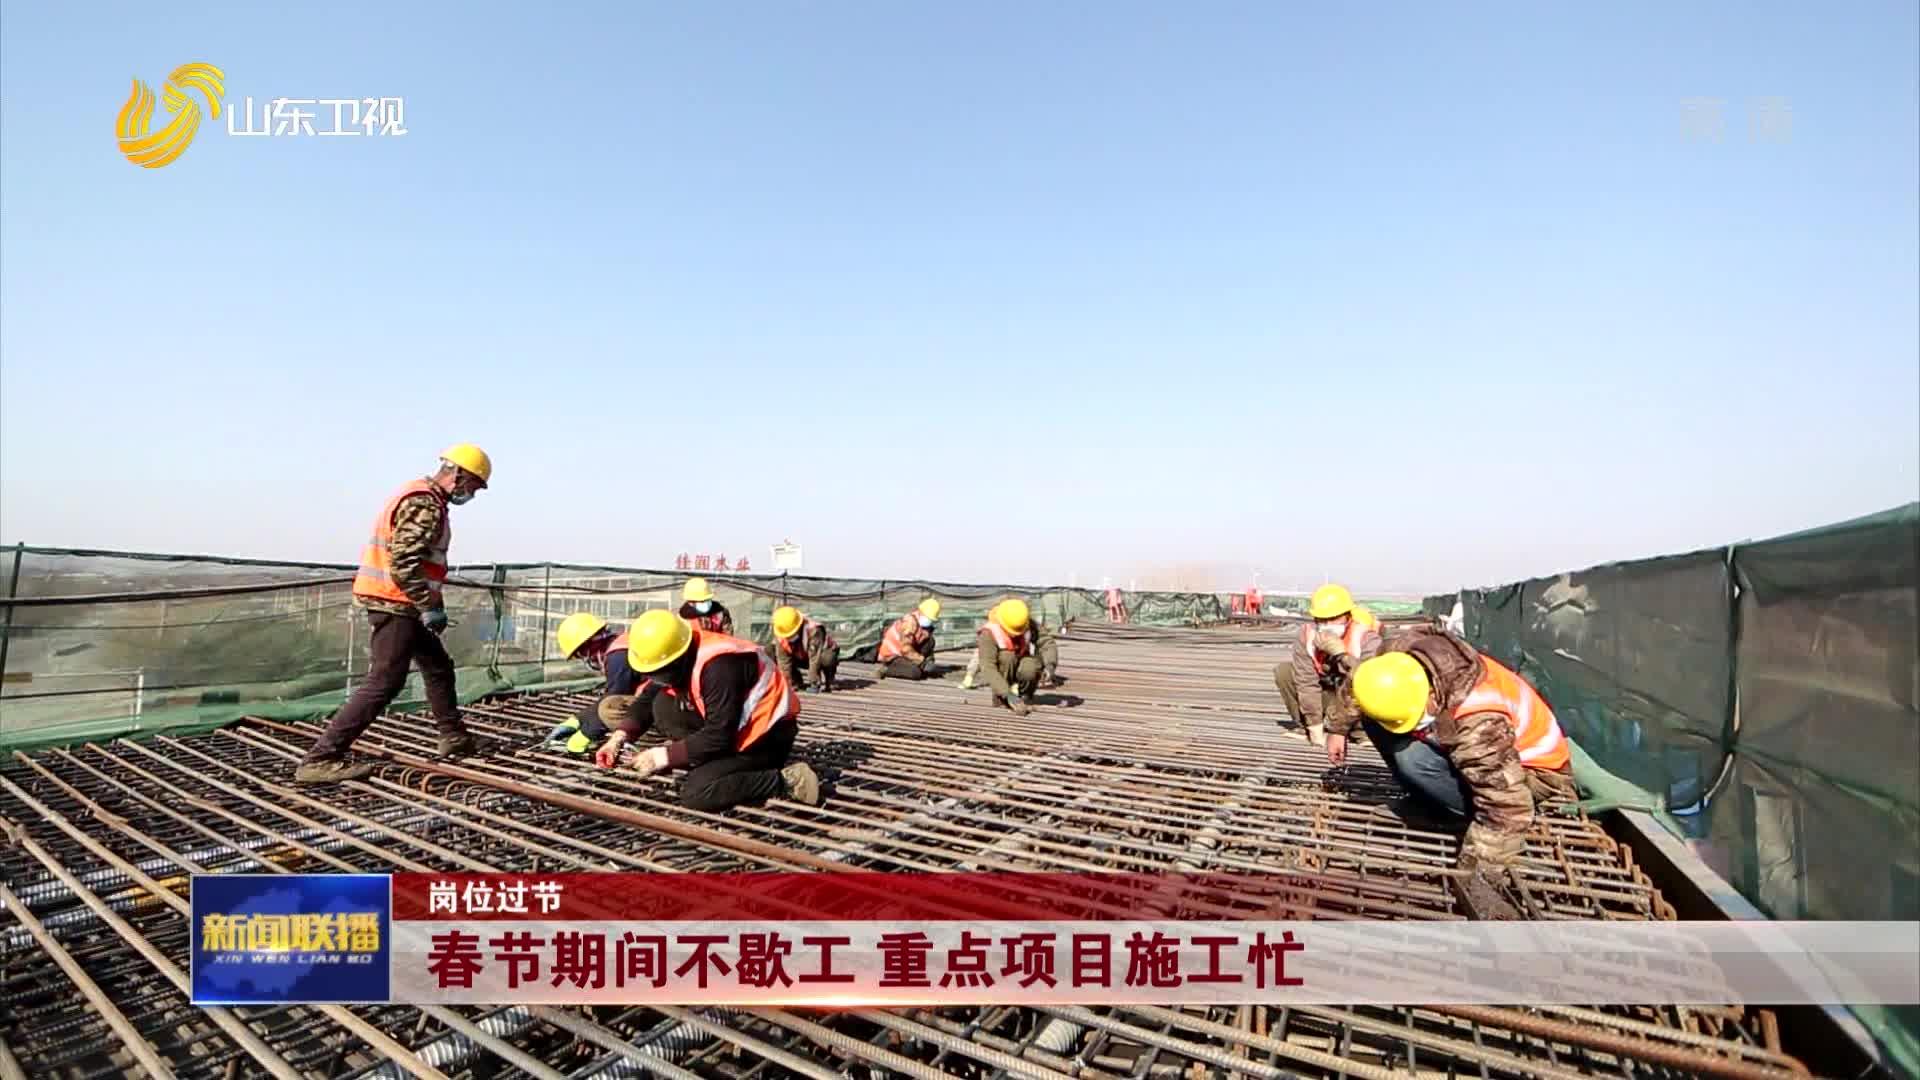 【岗位过节】春节期间不歇工 重点项目施工忙